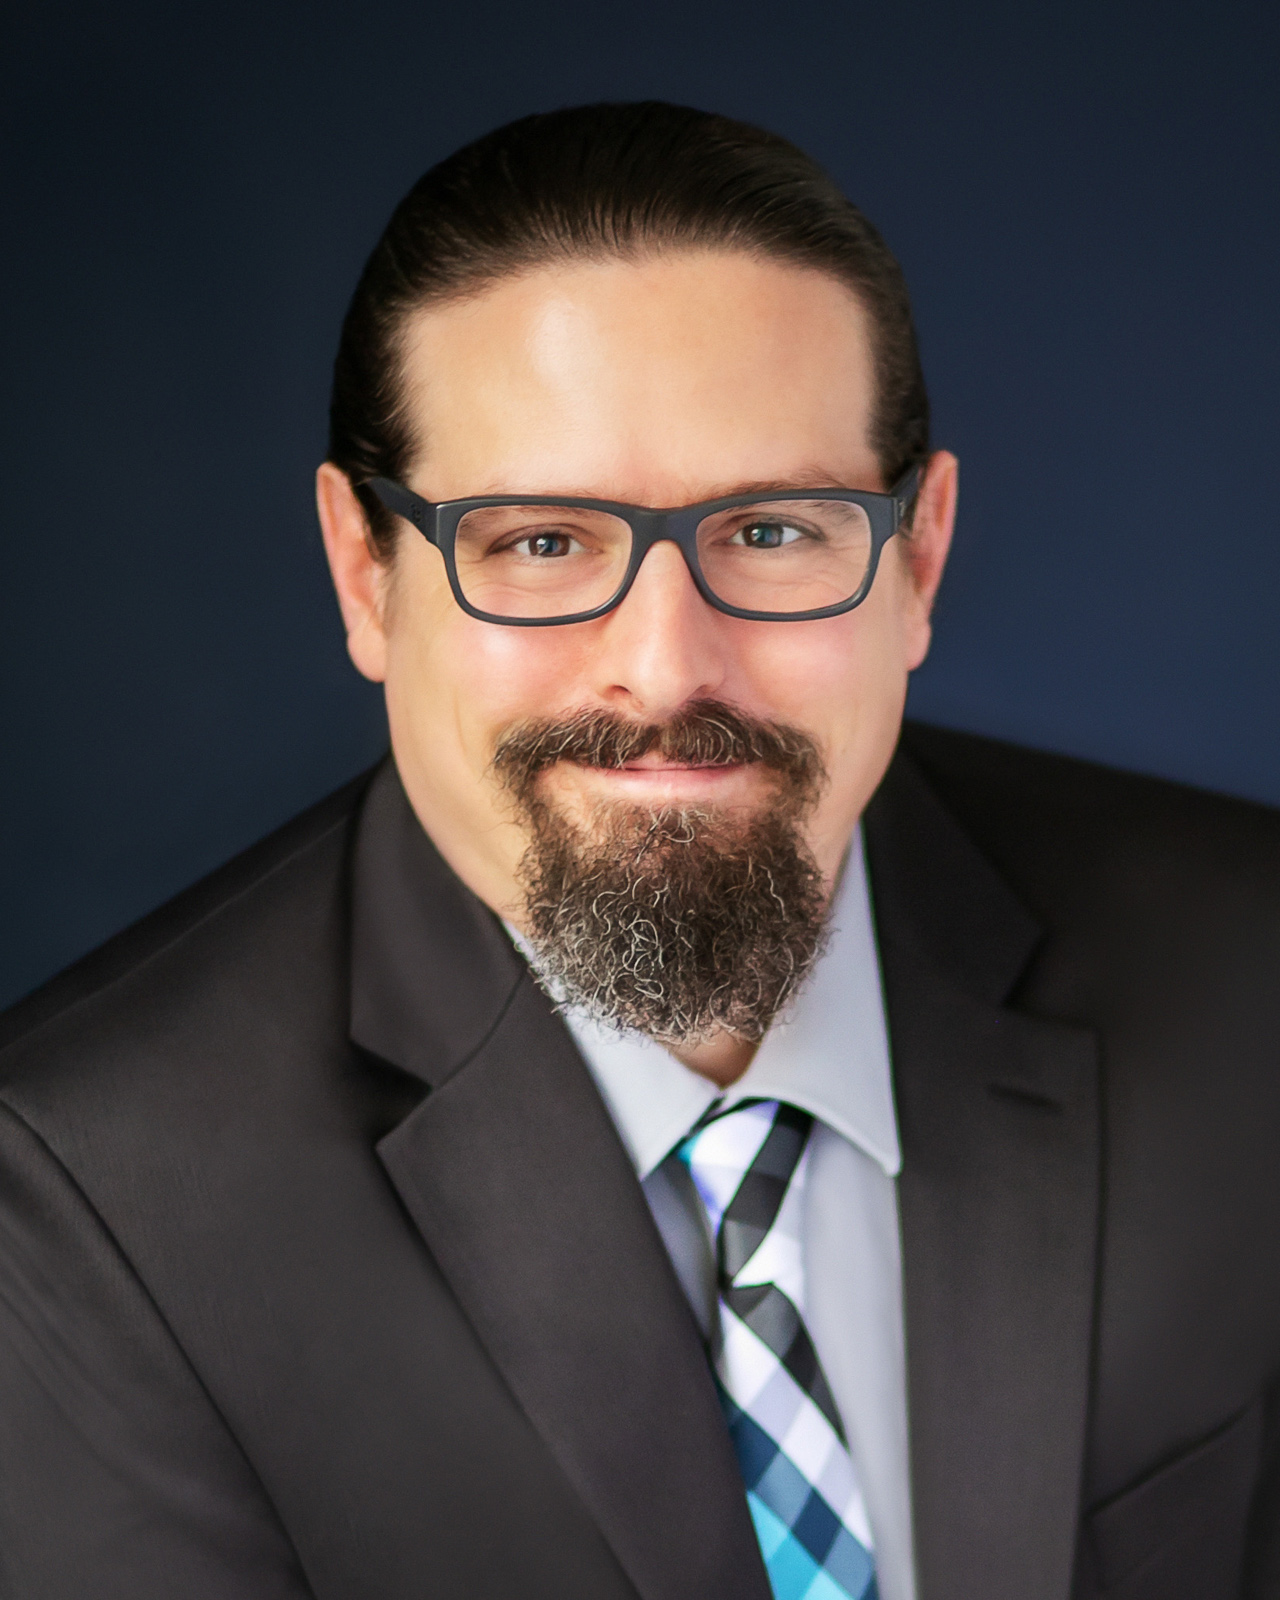 Zachary Scott, ITT Inc.